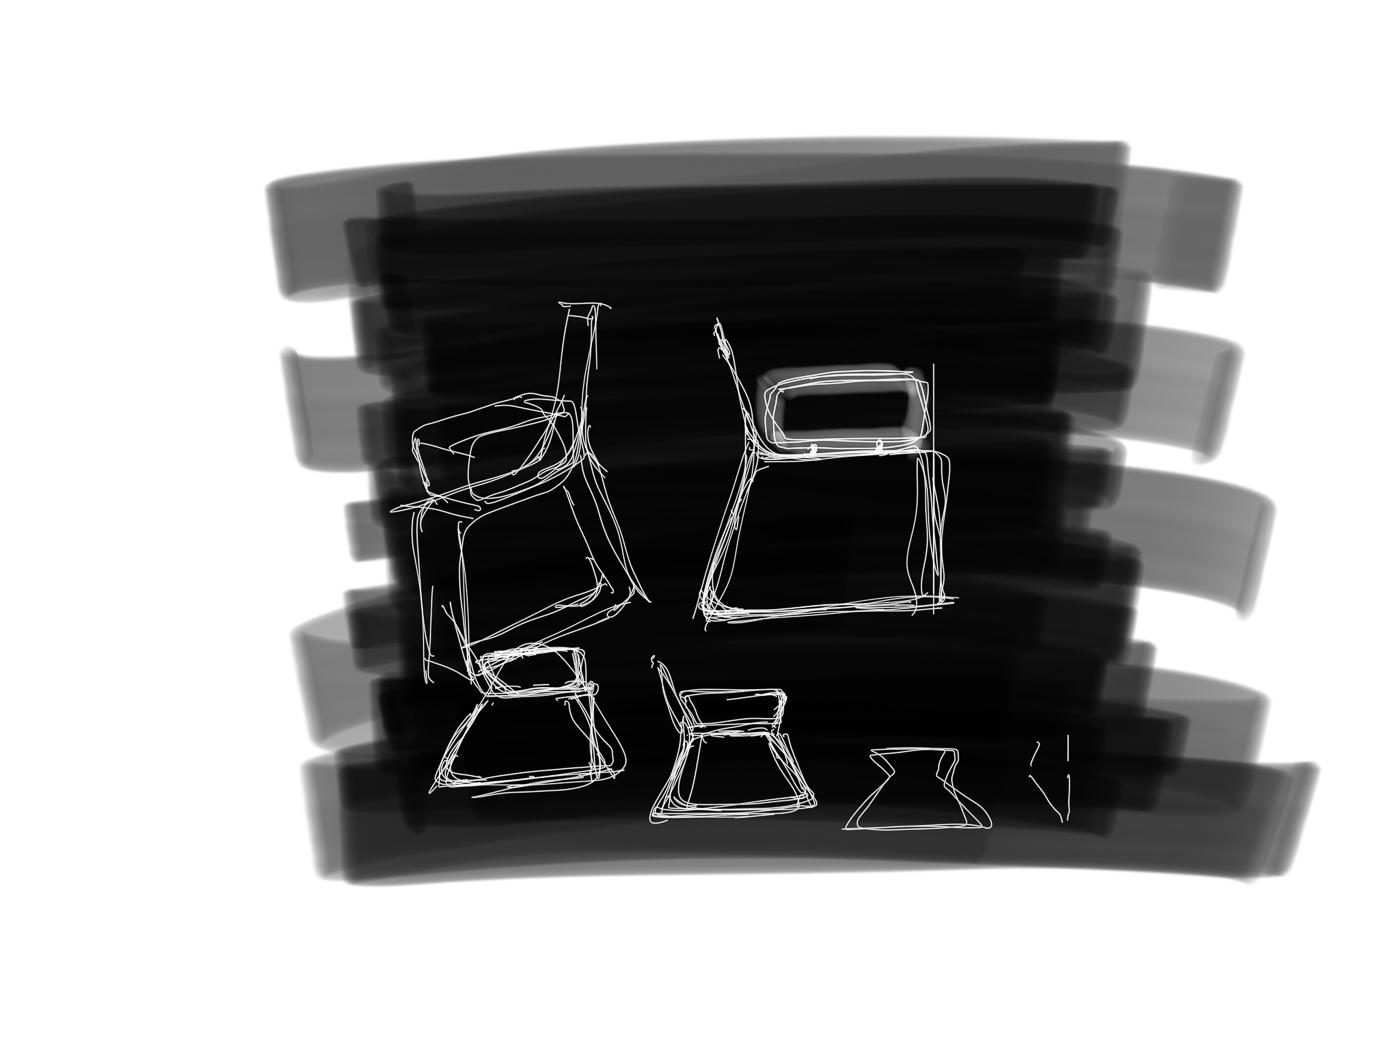 Sketch-364.jpg